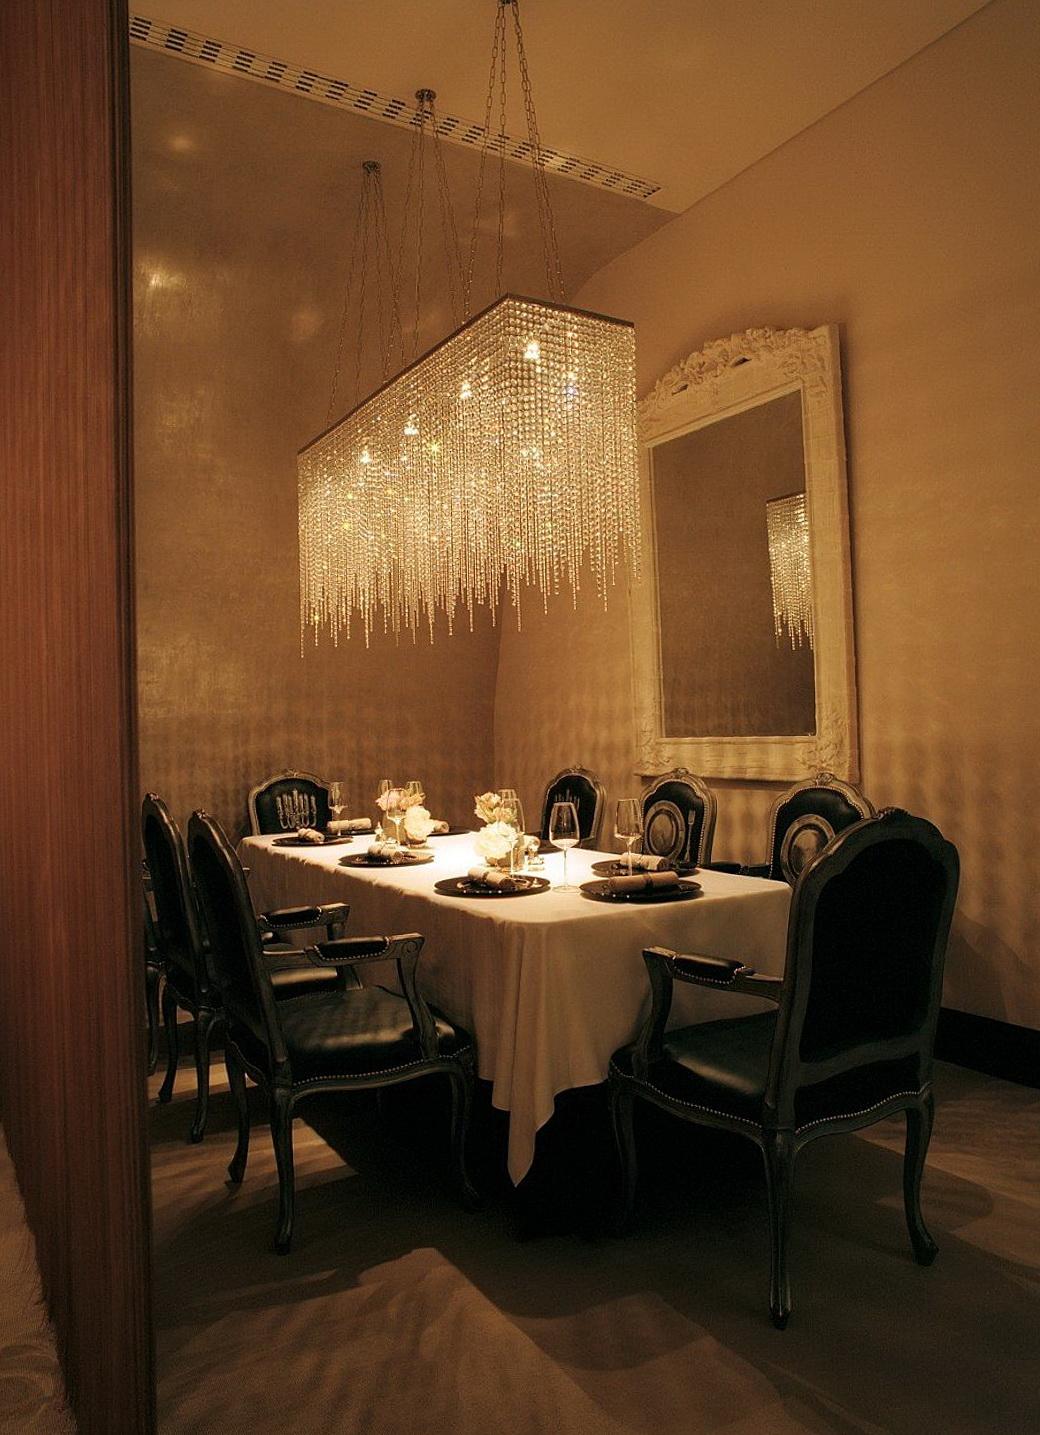 rectangular crystal chandelier dining room home design ideas. Black Bedroom Furniture Sets. Home Design Ideas